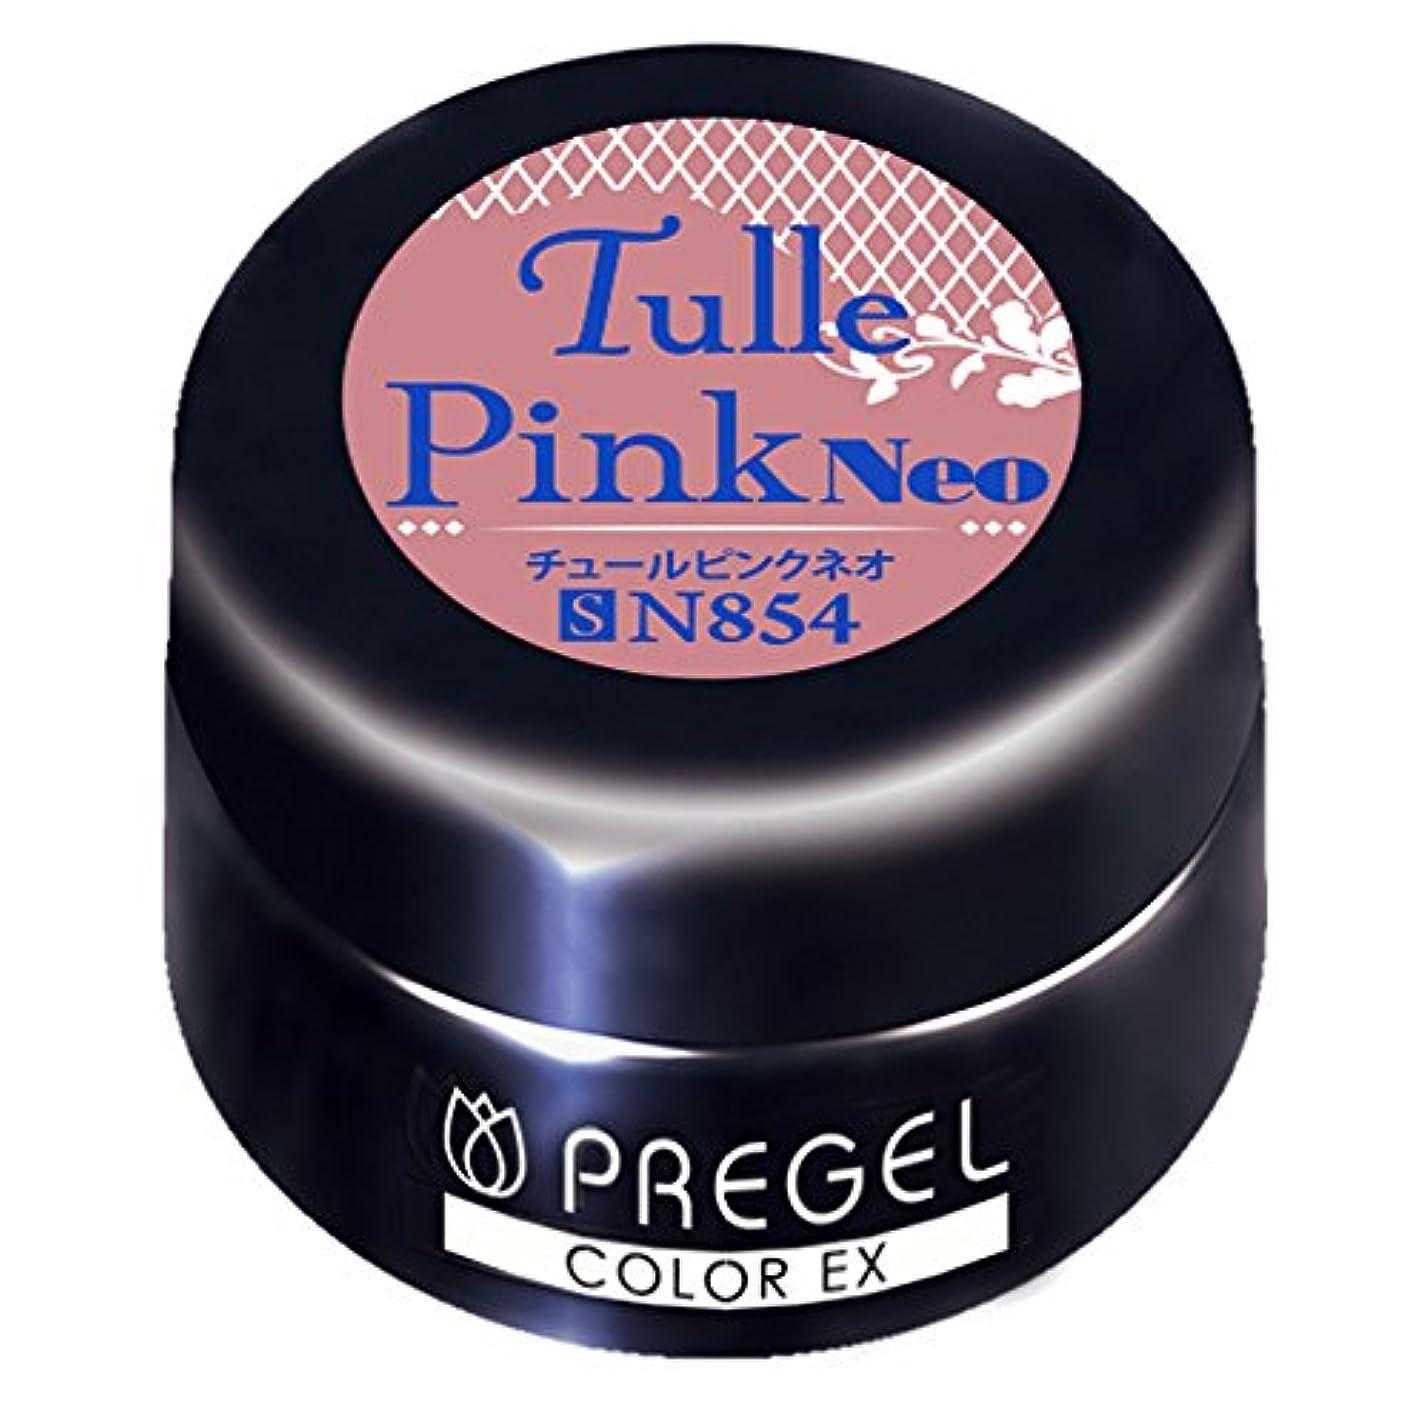 新聞セーブ球状PRE GEL カラーEX チュールピンクneo854 3g UV/LED対応